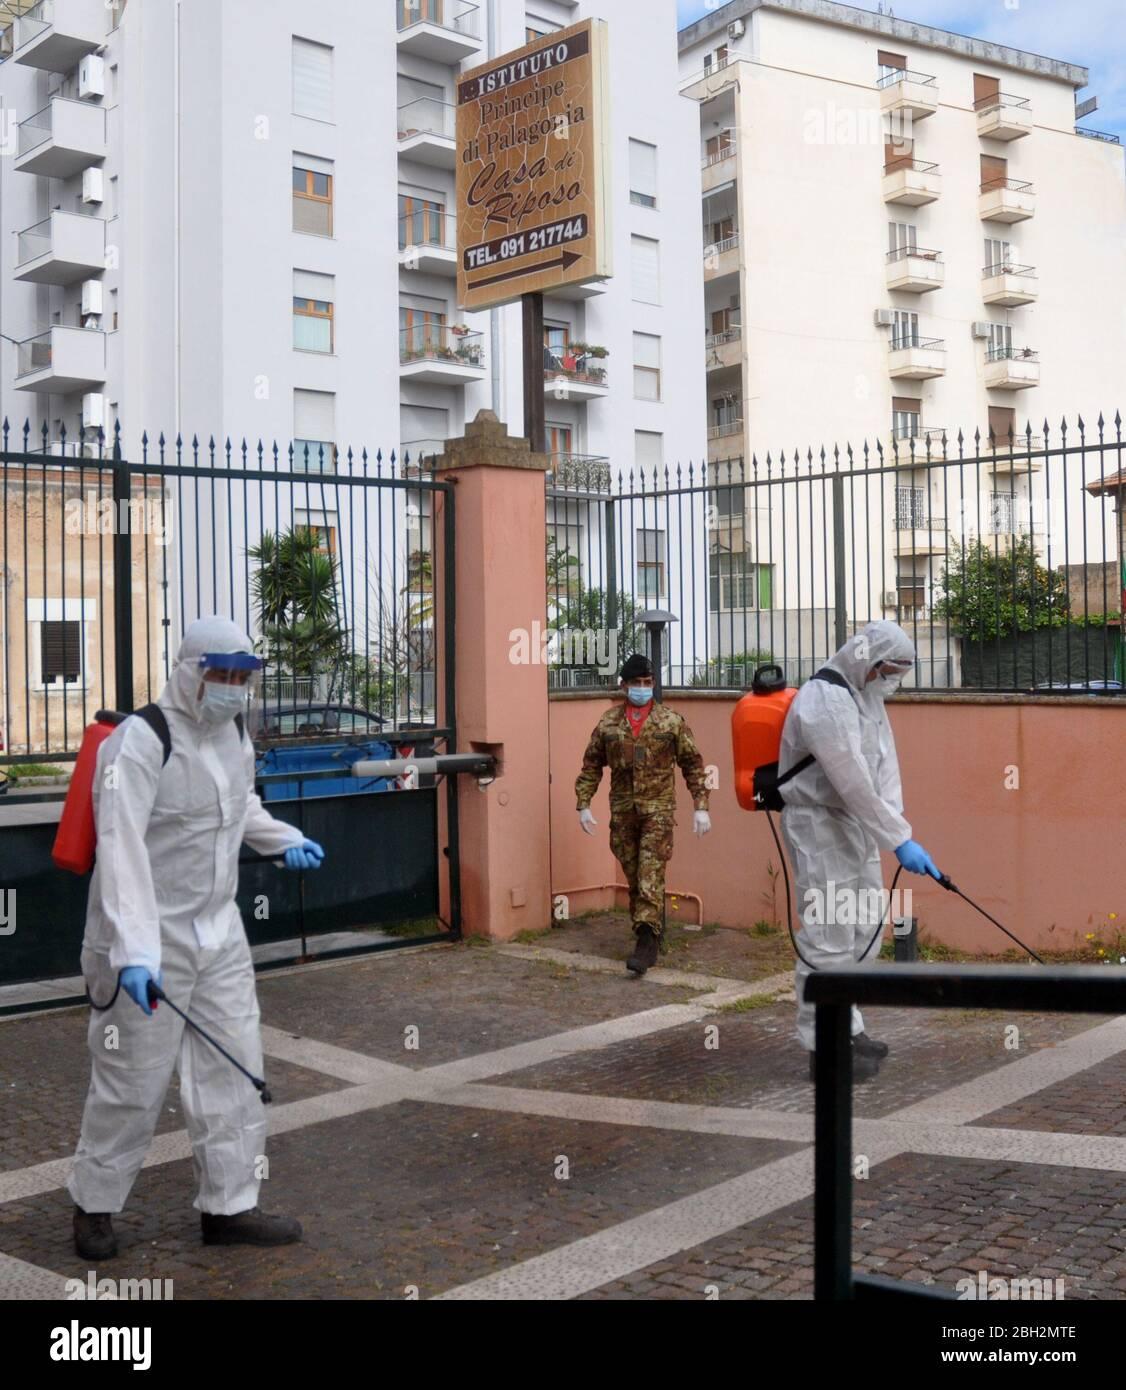 Maison Espana Cena Con Delitto la pia stock photos & la pia stock images - page 3 - alamy